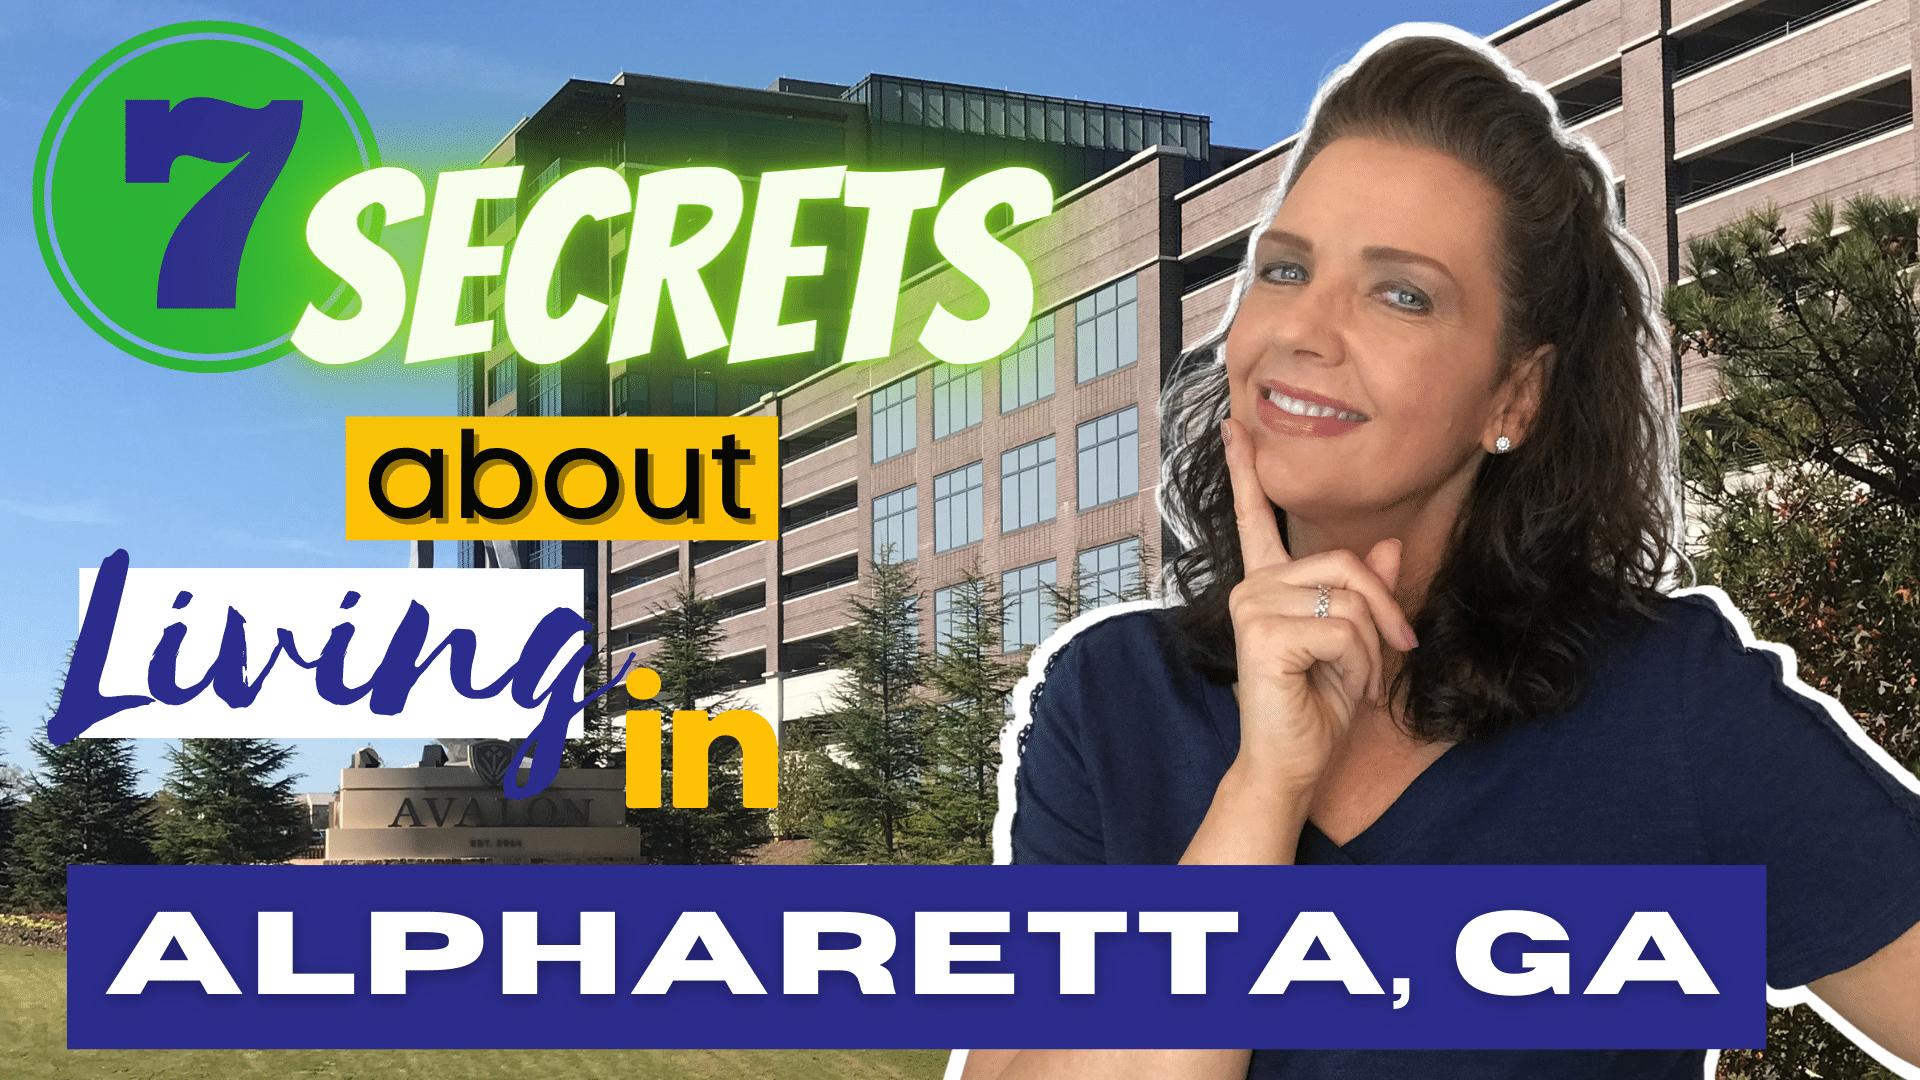 7 Secrets about Living in Alpharetta Georgia